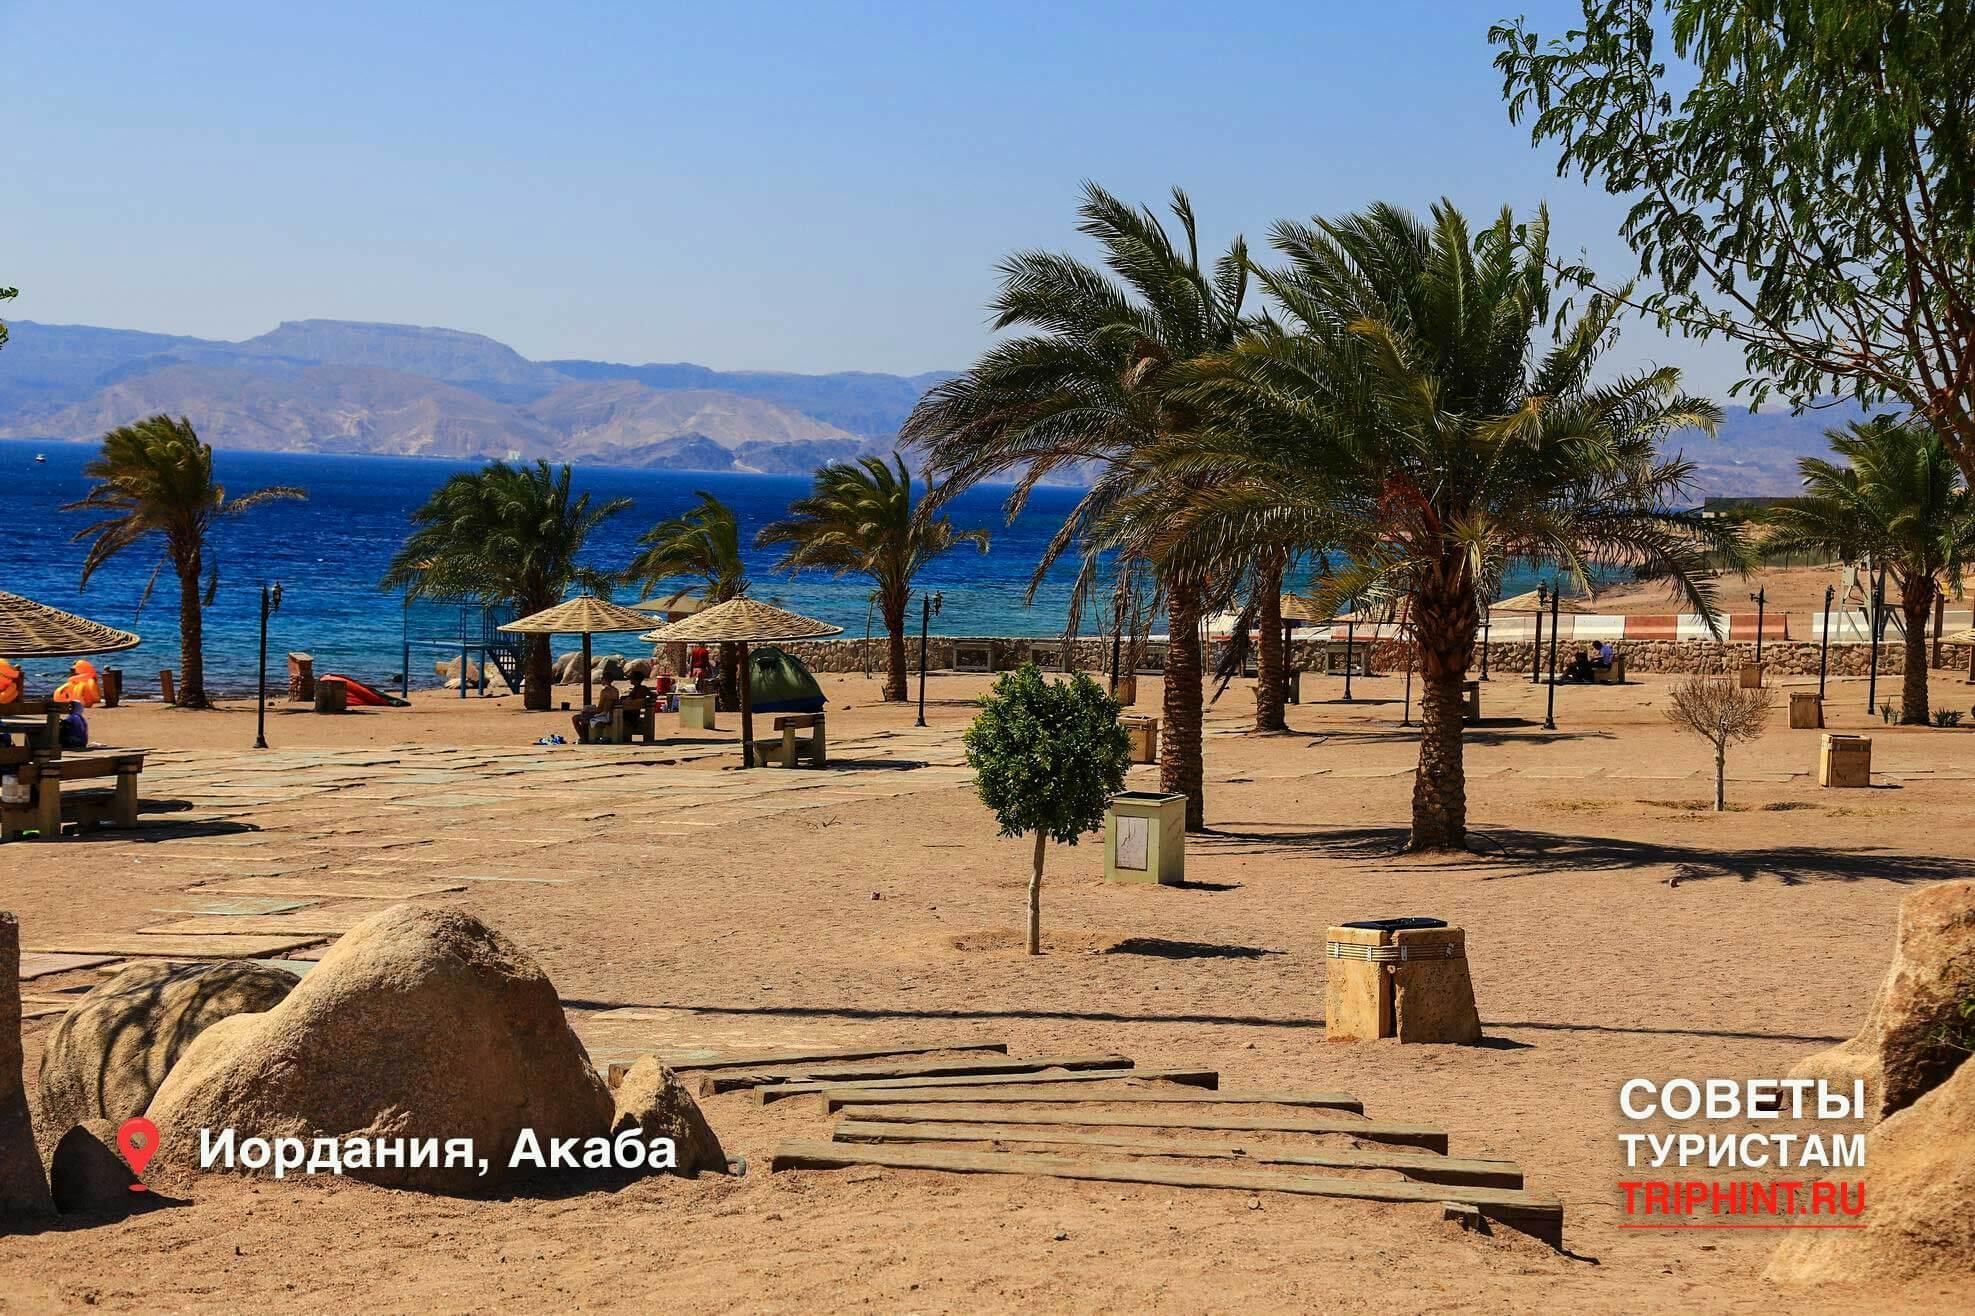 Отдых в Иордании на Красном море в октябре. Пляж Акаба